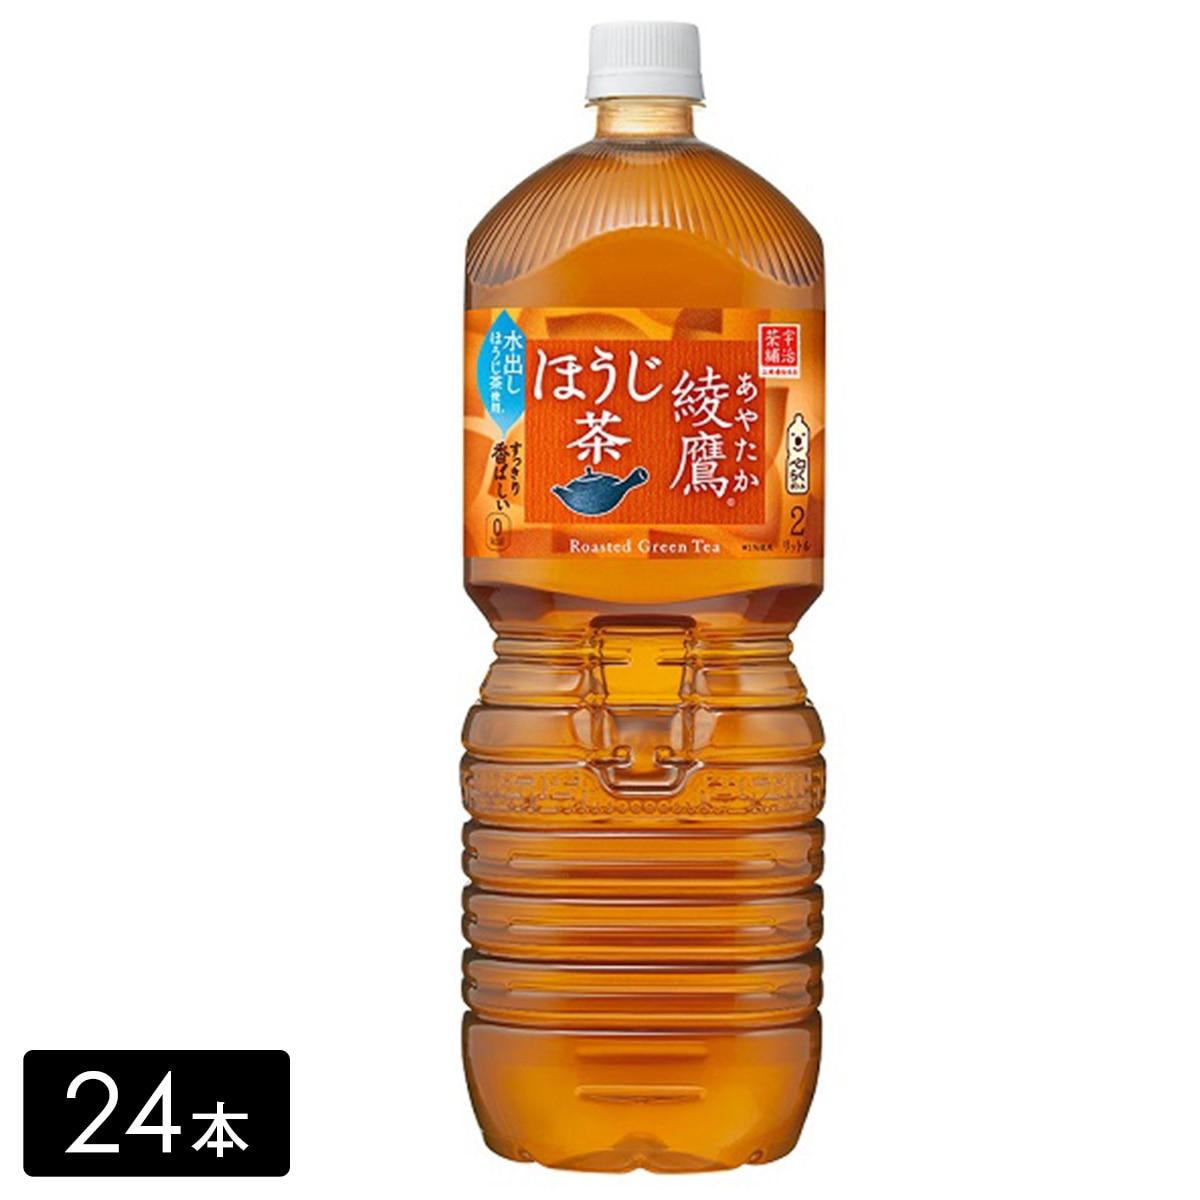 コカ・コーラボトラーズ 綾鷹 ほうじ茶 2L×24本 51751